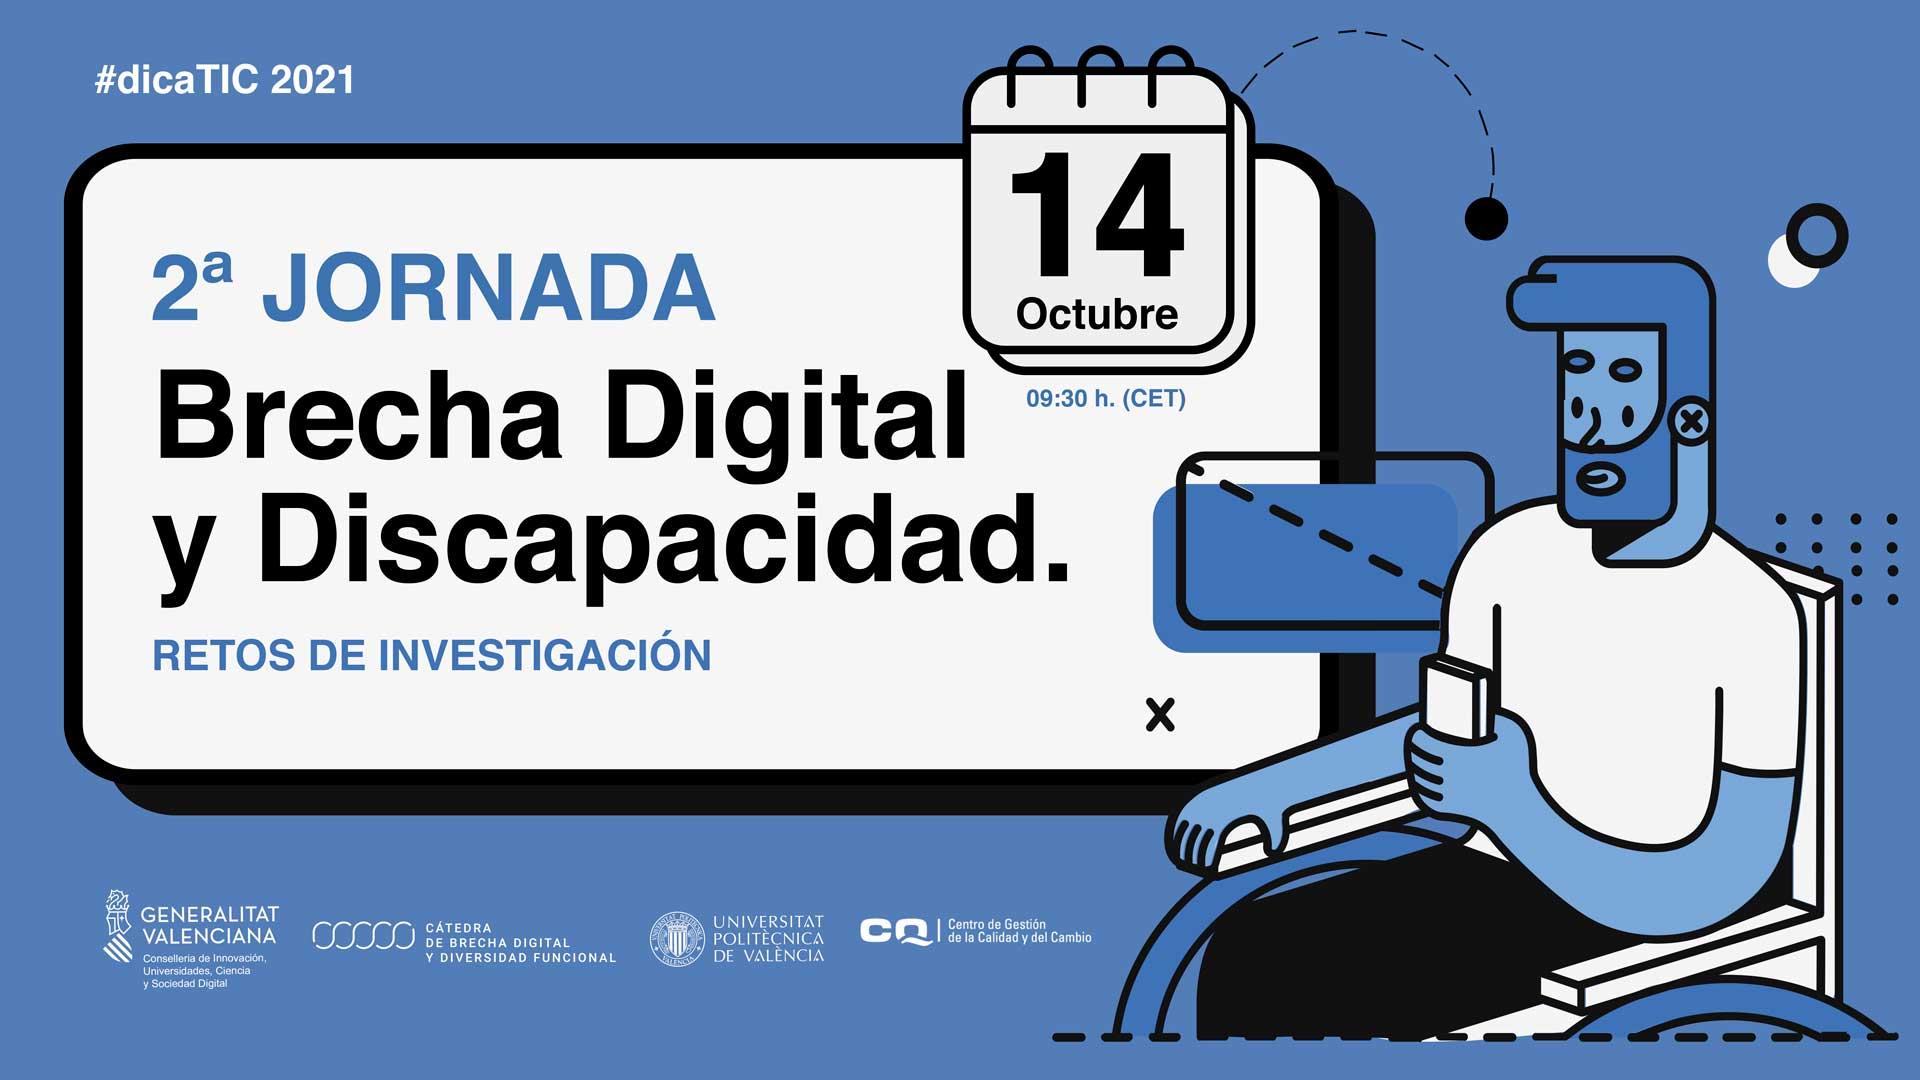 Gráfica anunciando la seguda jornada sobre brecha digital y discapacidad para el 14 de octubre.